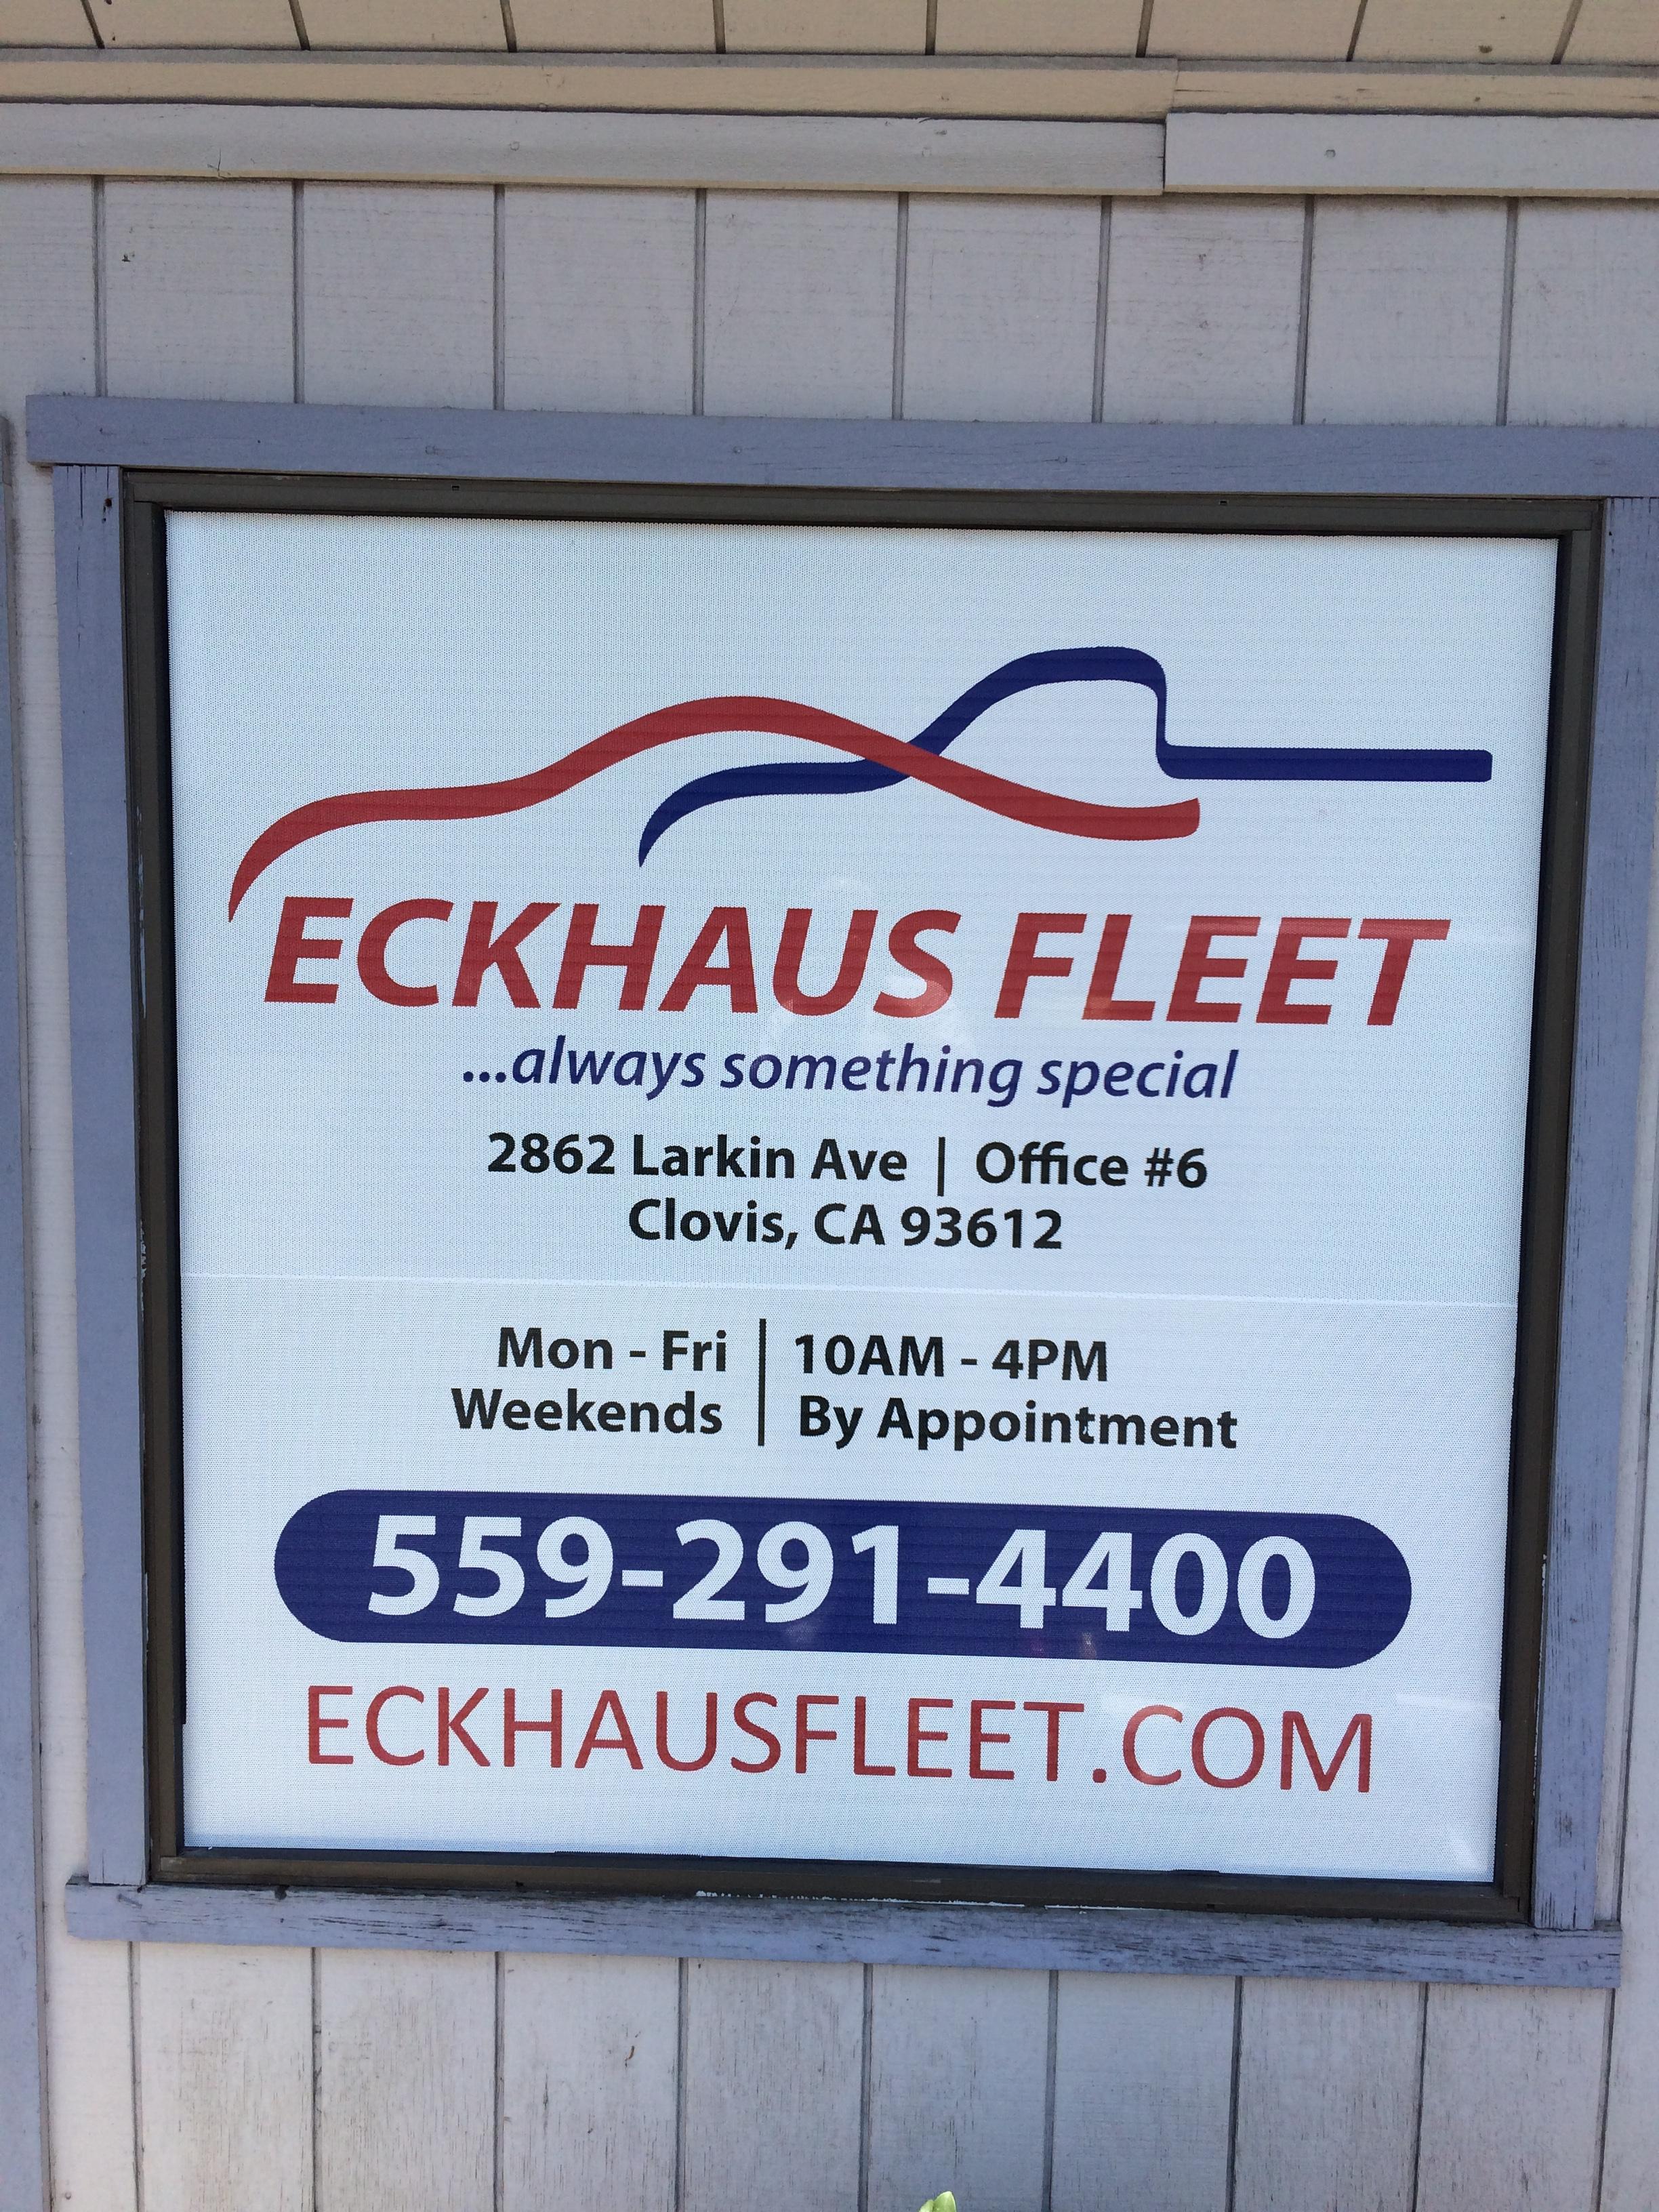 Eckhaus Fleet